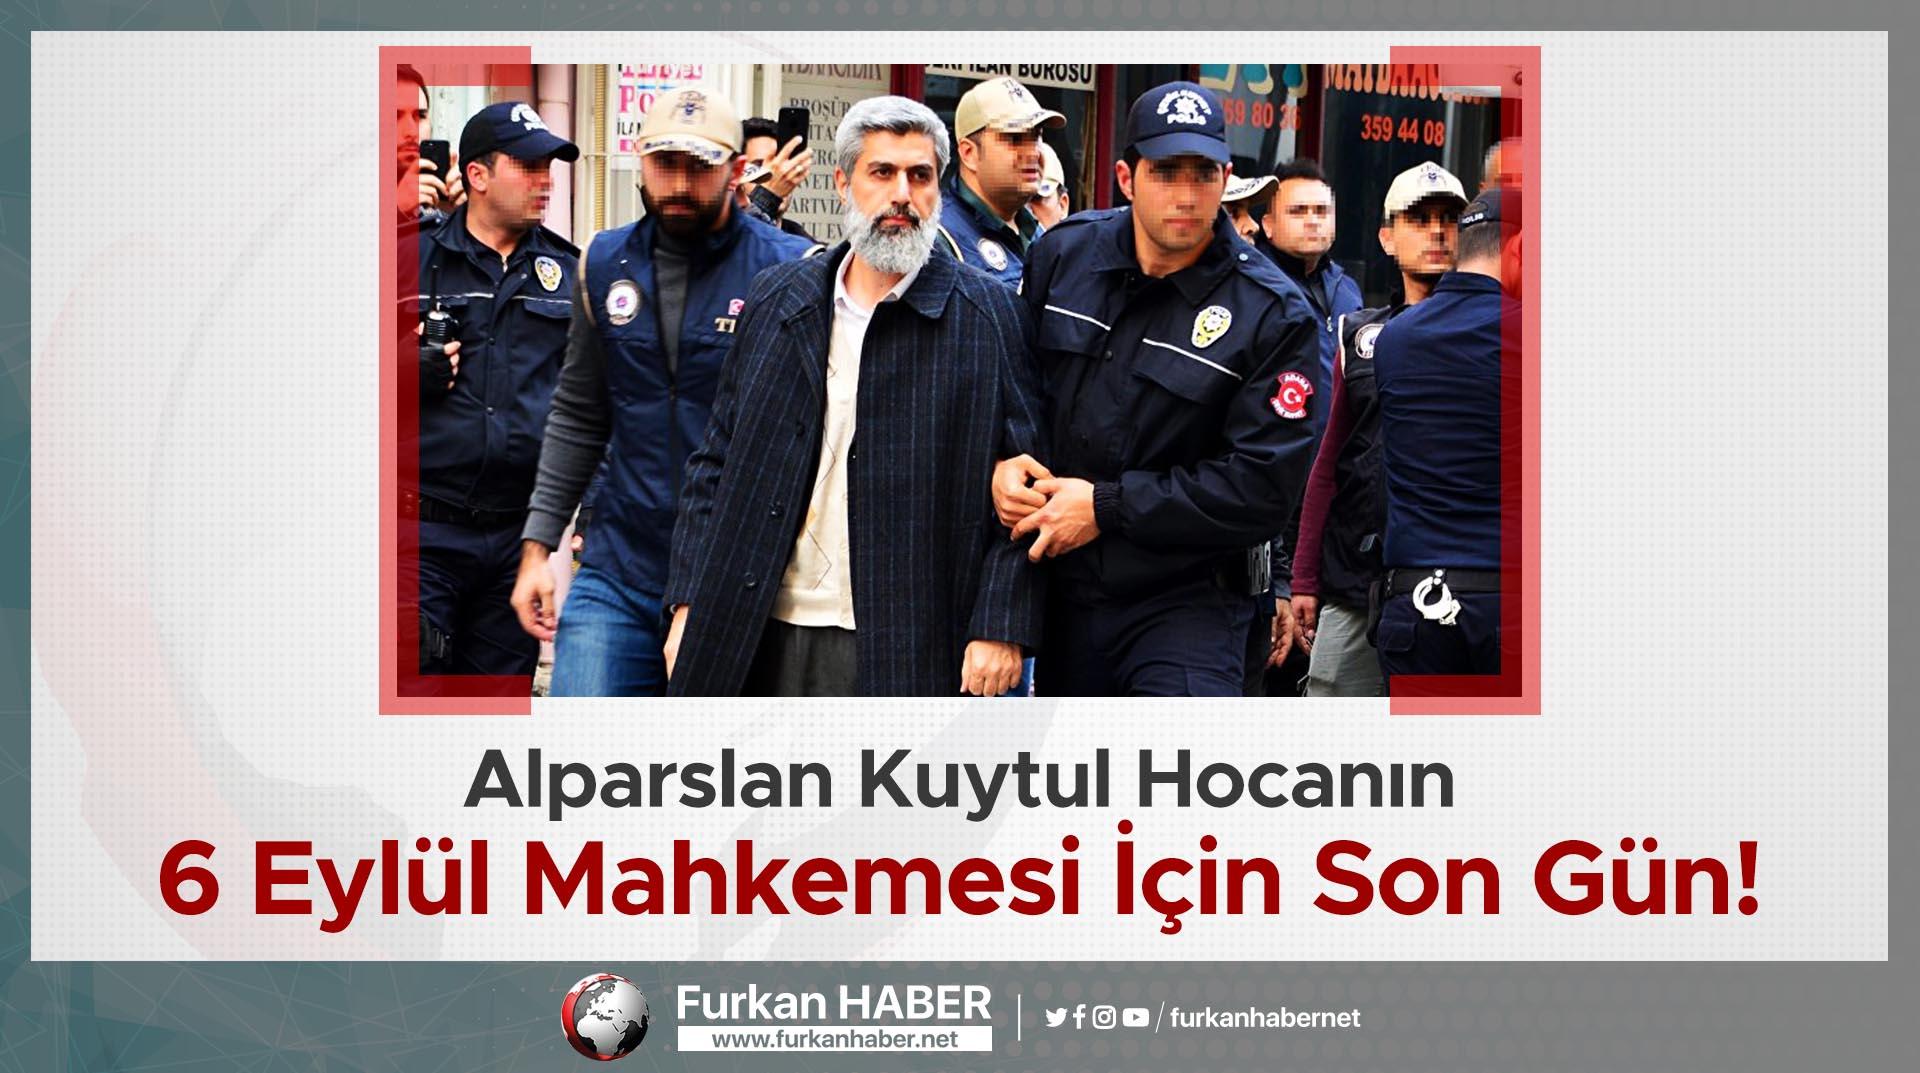 Alparslan Kuytul Hocanın 6 Eylül Mahkemesi İçin Son Gün!